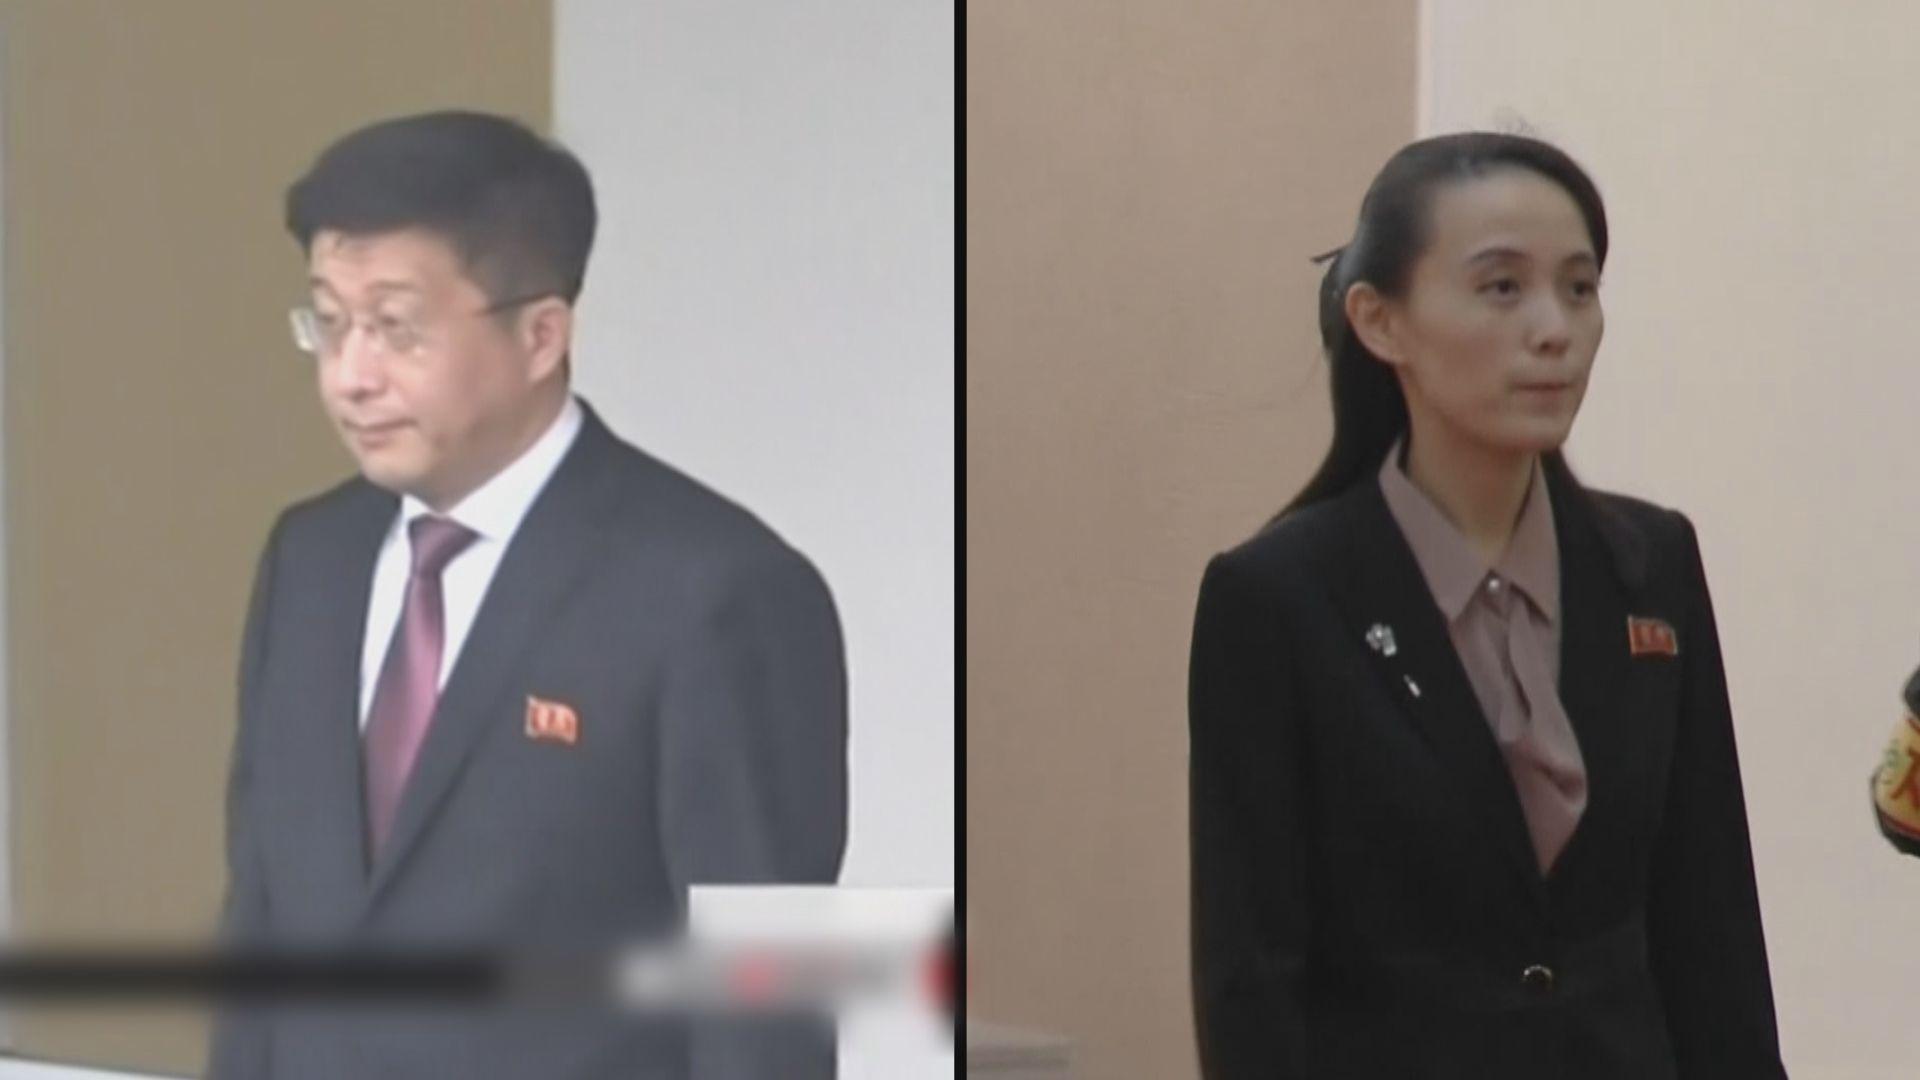 【即日焦點】林鄭李家超仍未能回答何謂台灣「中央機構」;據報金正恩追究美朝峰會破局槍決高官